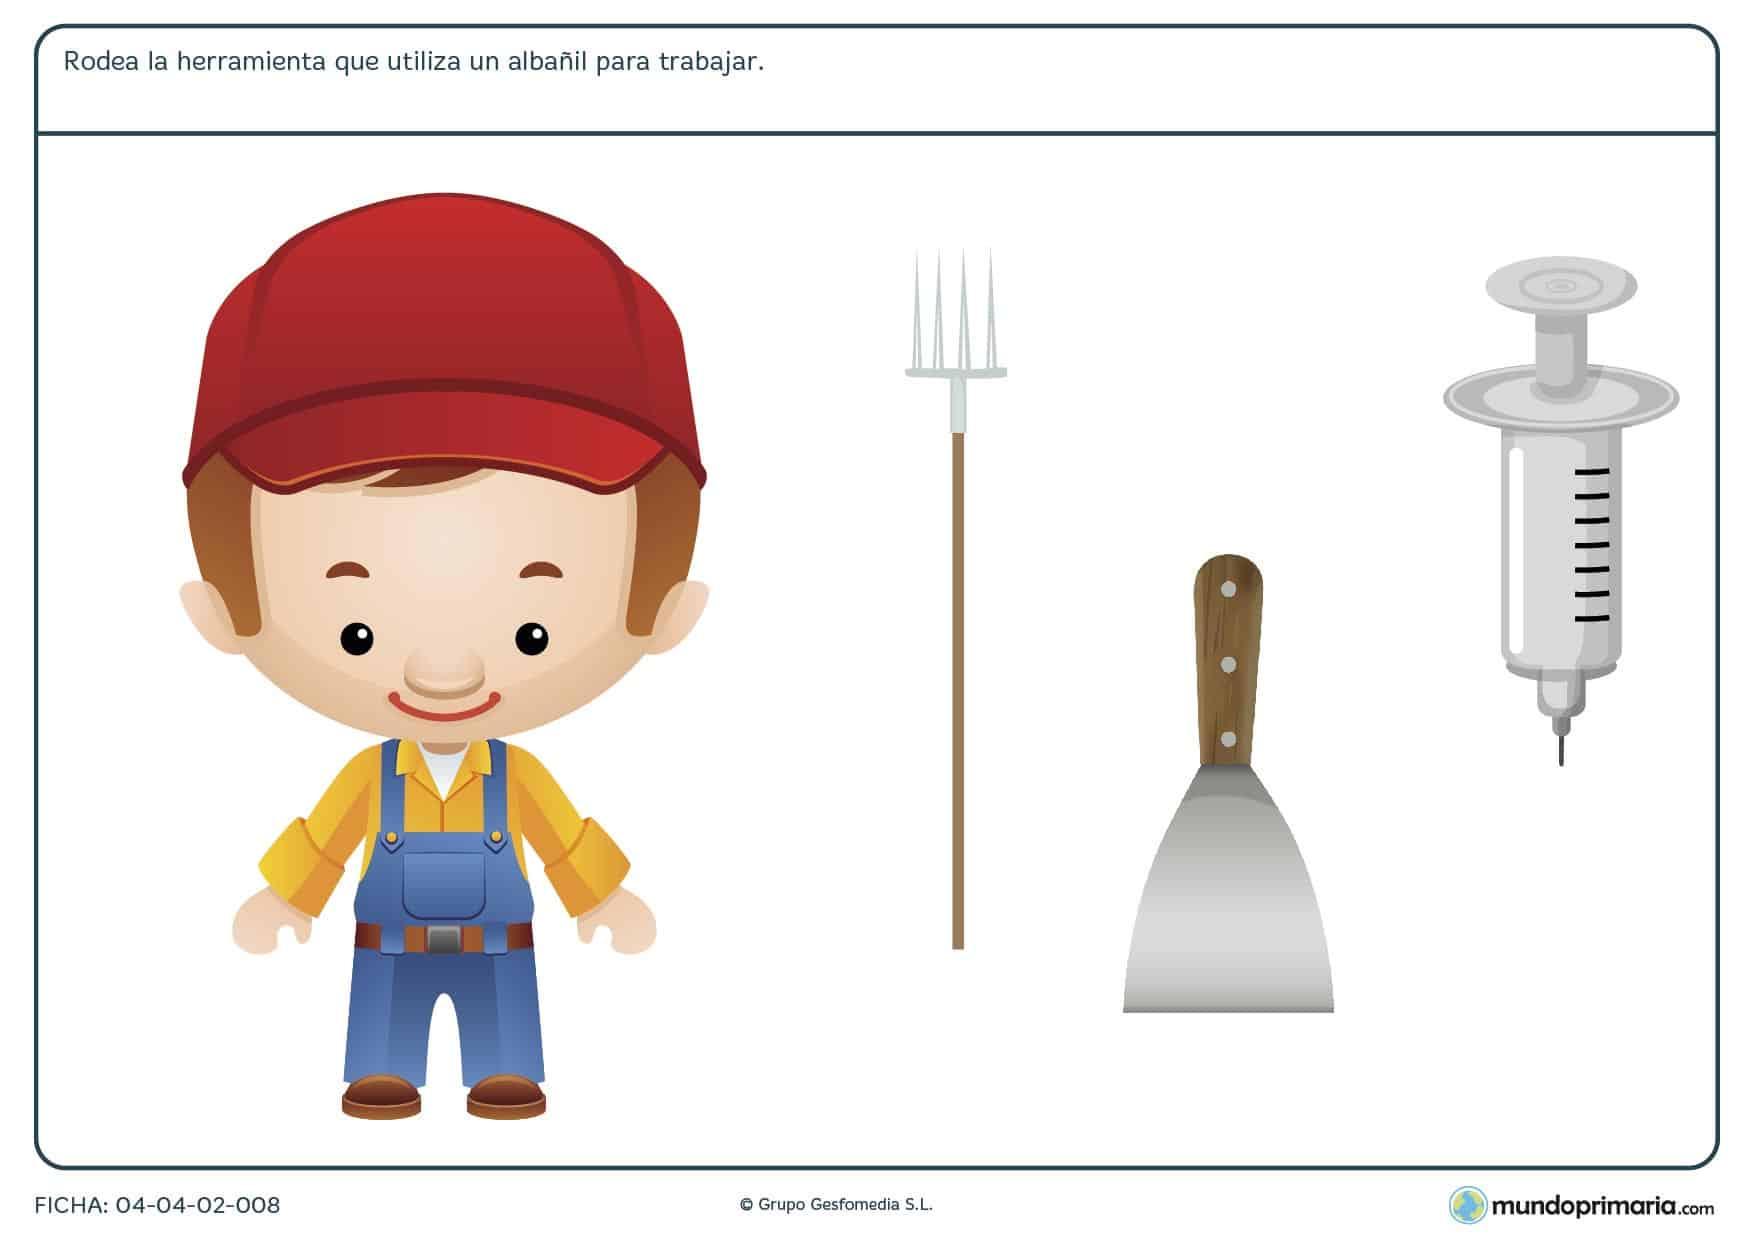 Ficha de herramientas del alba il para primaria - Herramientas de albanil ...